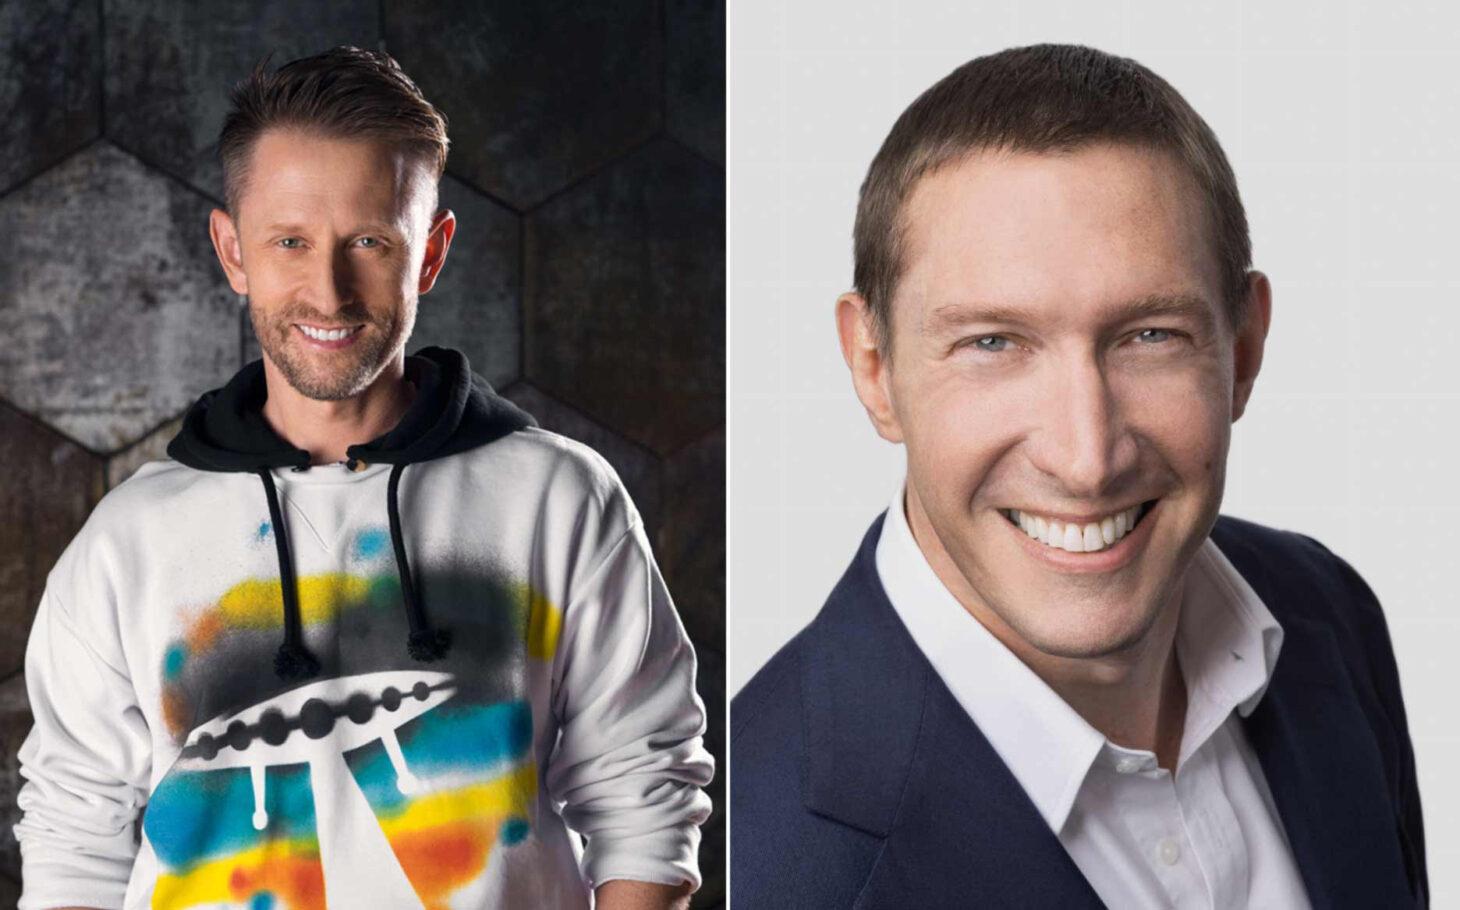 Chris Boshuizen (left) and Glen de Vries (right) | Photo courtesy Blue Origin